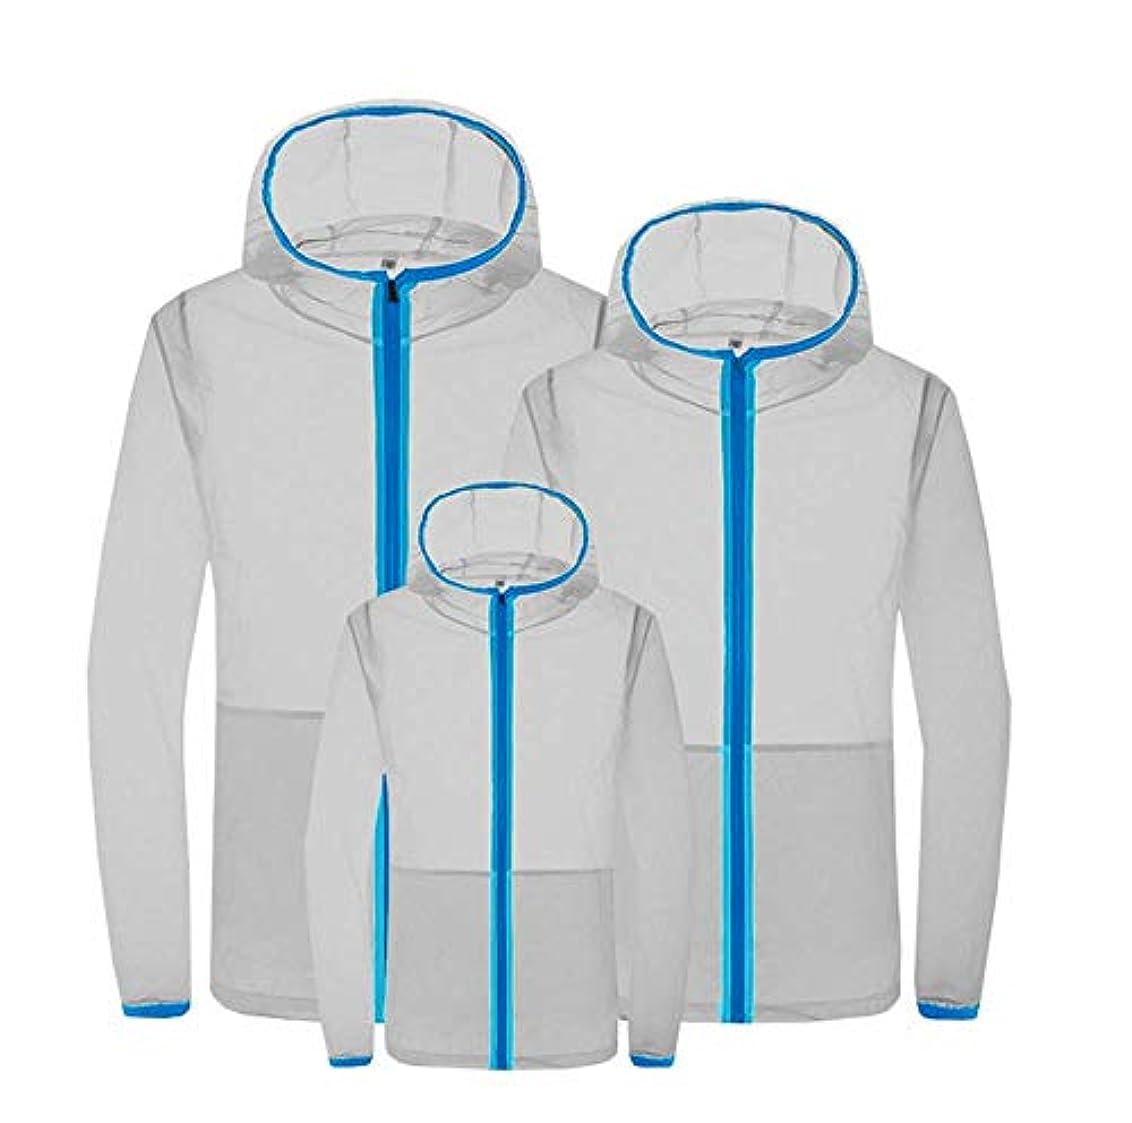 英語の授業がありますファブリック召集する夏のエアコンスーツスマート3速冷却スーツ日焼け防止服防滴防蚊服ファン冷却肌の服,Gray,S